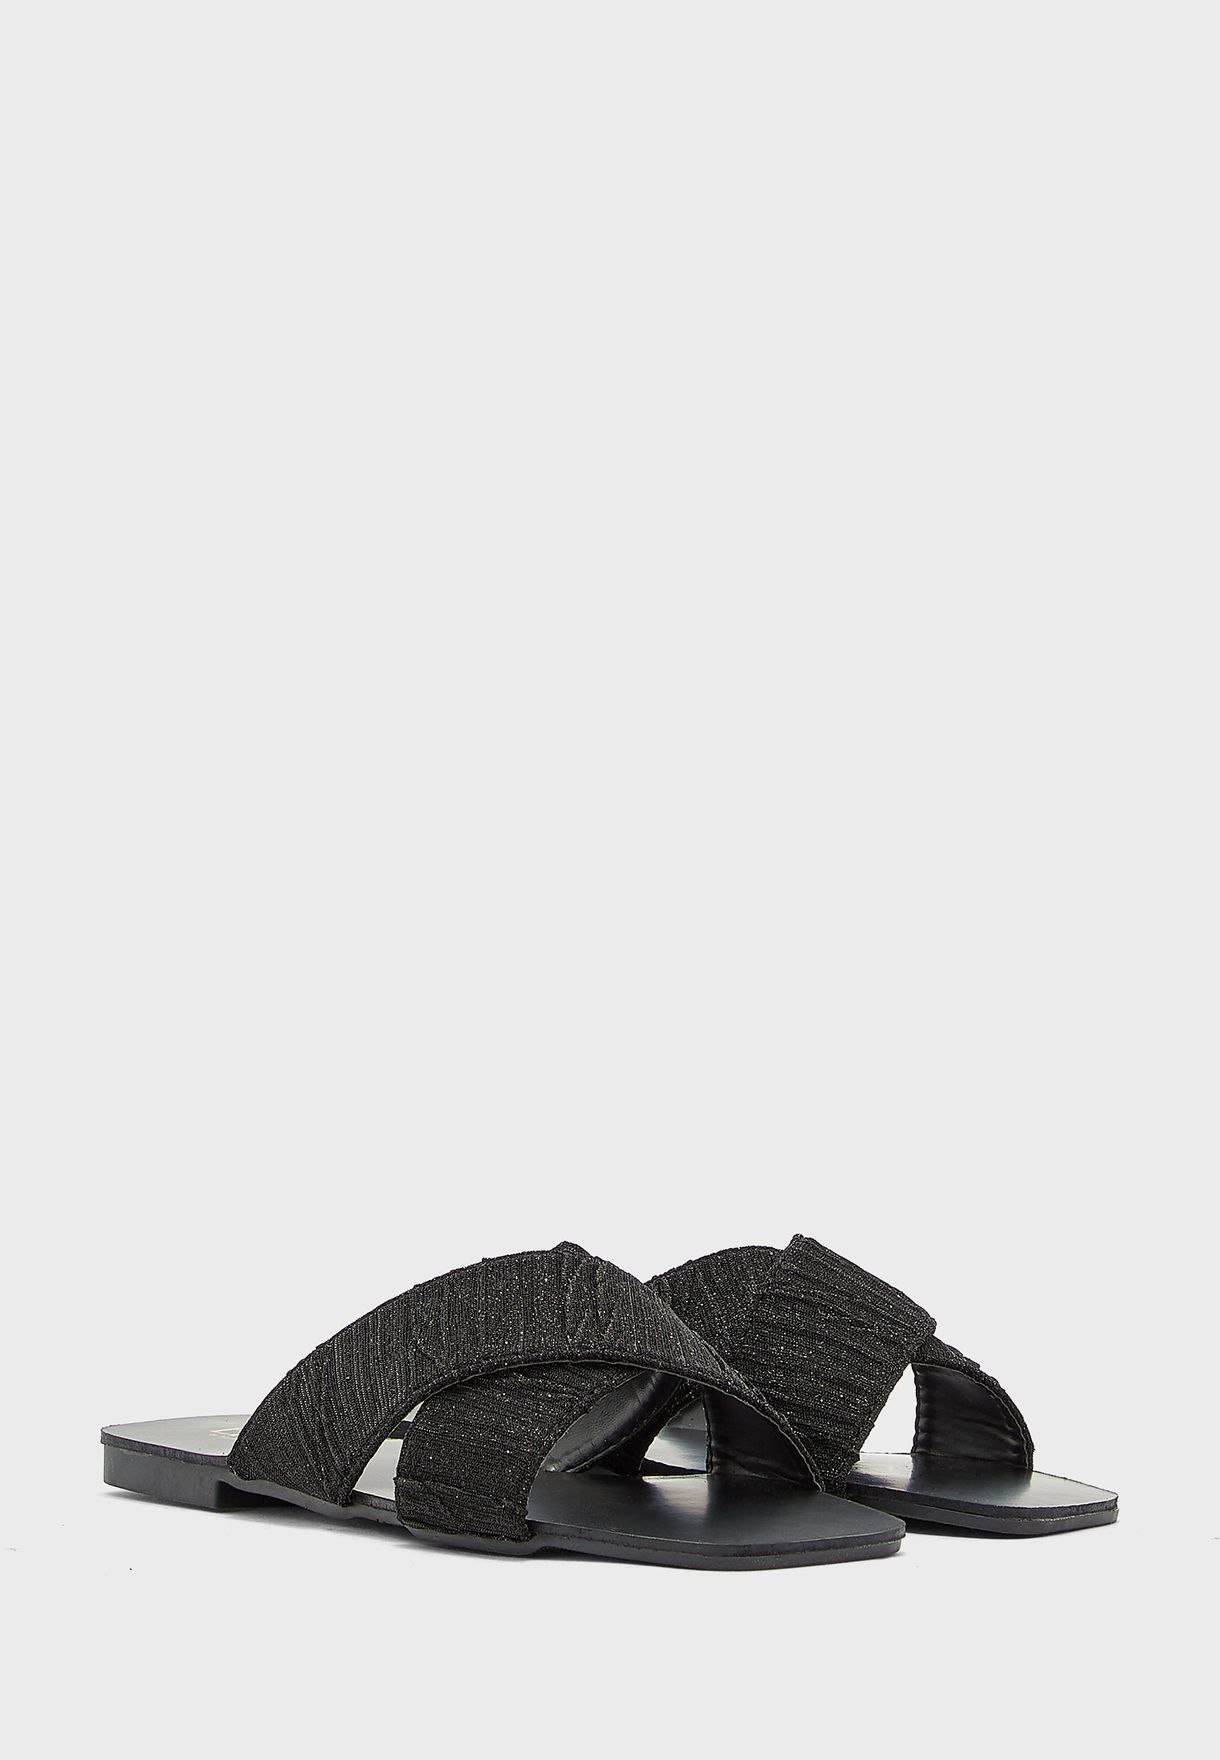 Shimmer Textured Cross Over Flat Sandal